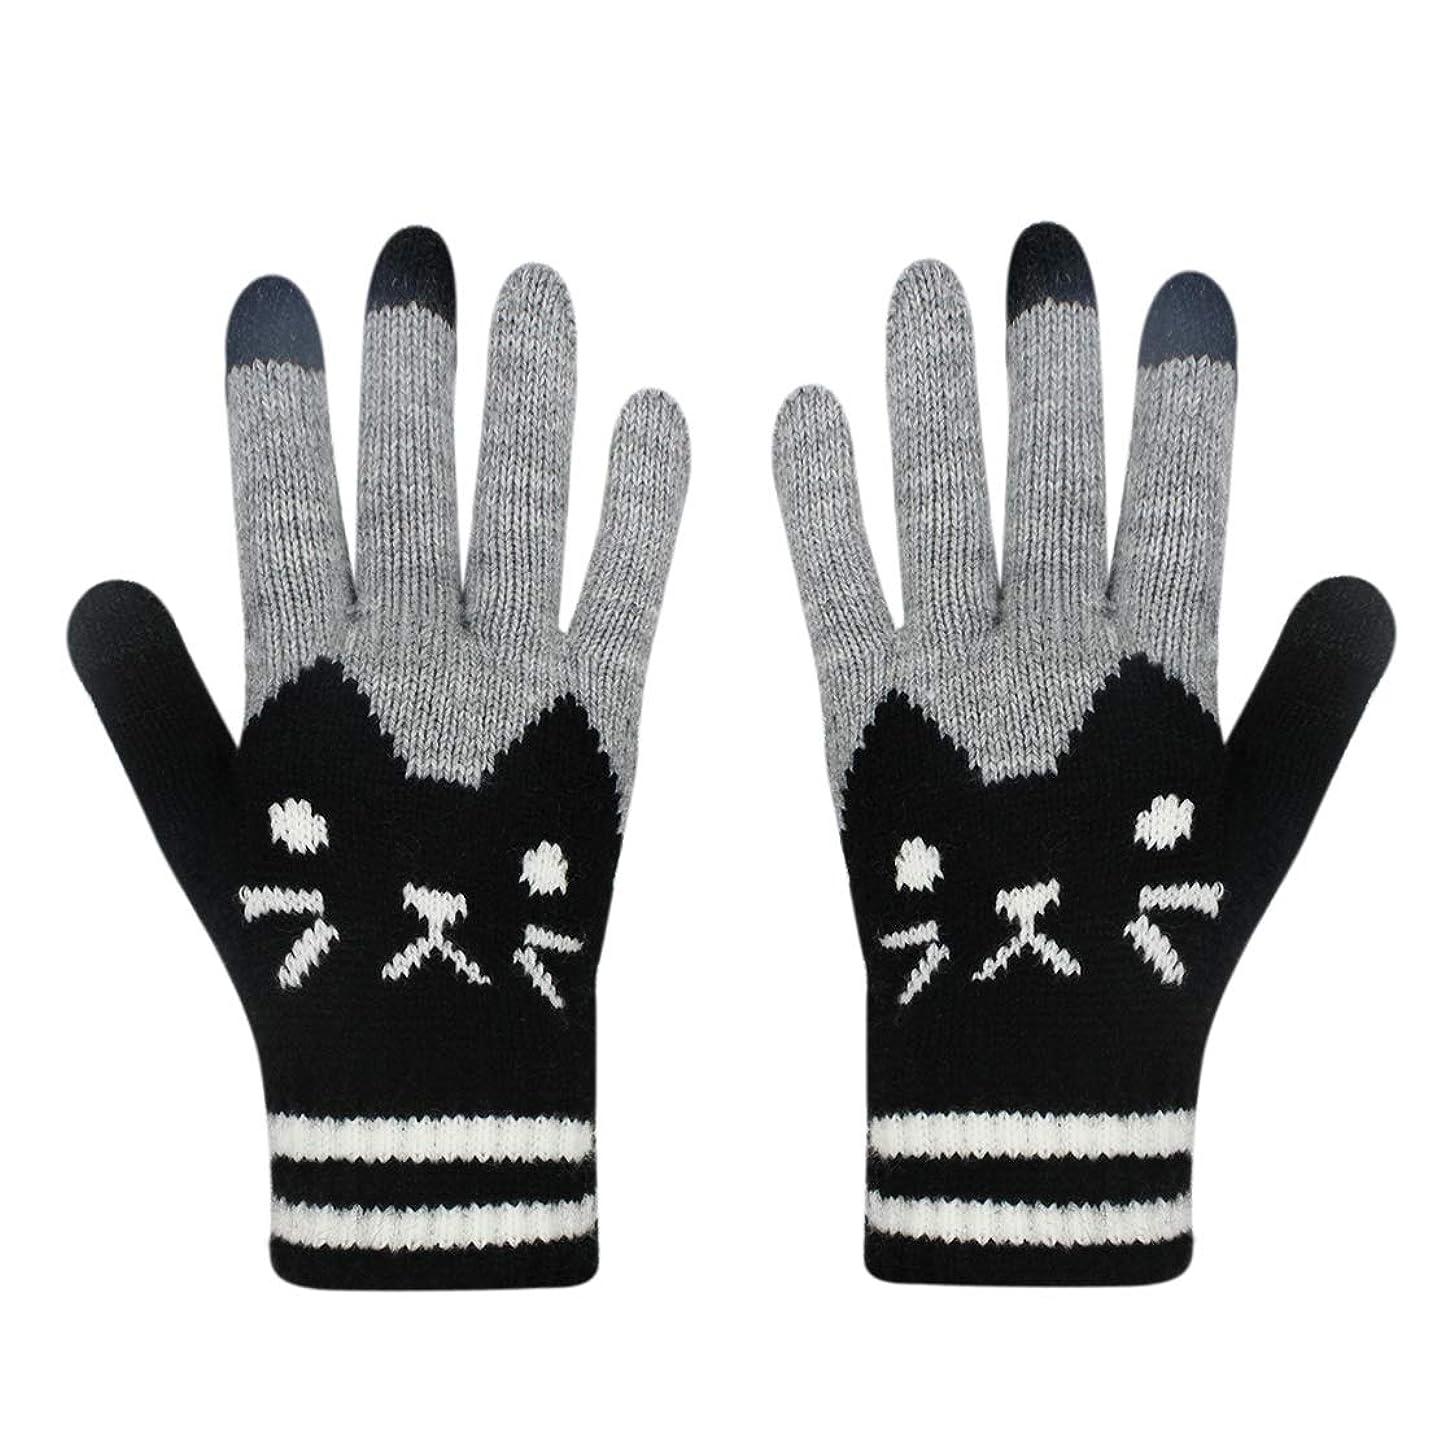 Women Men Winter Touch Screen Gloves Cat Warm Knit Texting Gloves Touchscreen Mittens